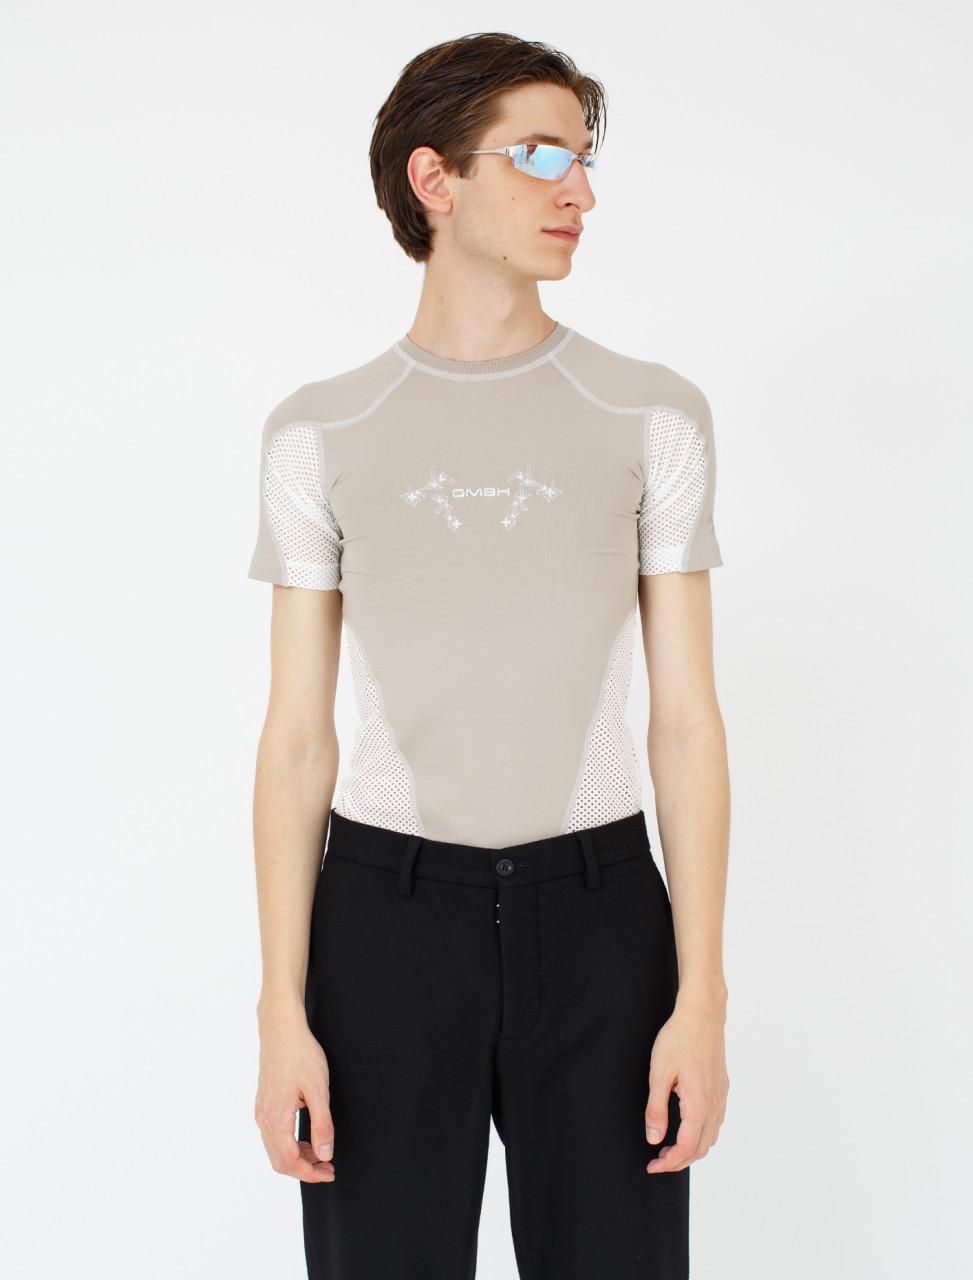 Eevan T-Shirt